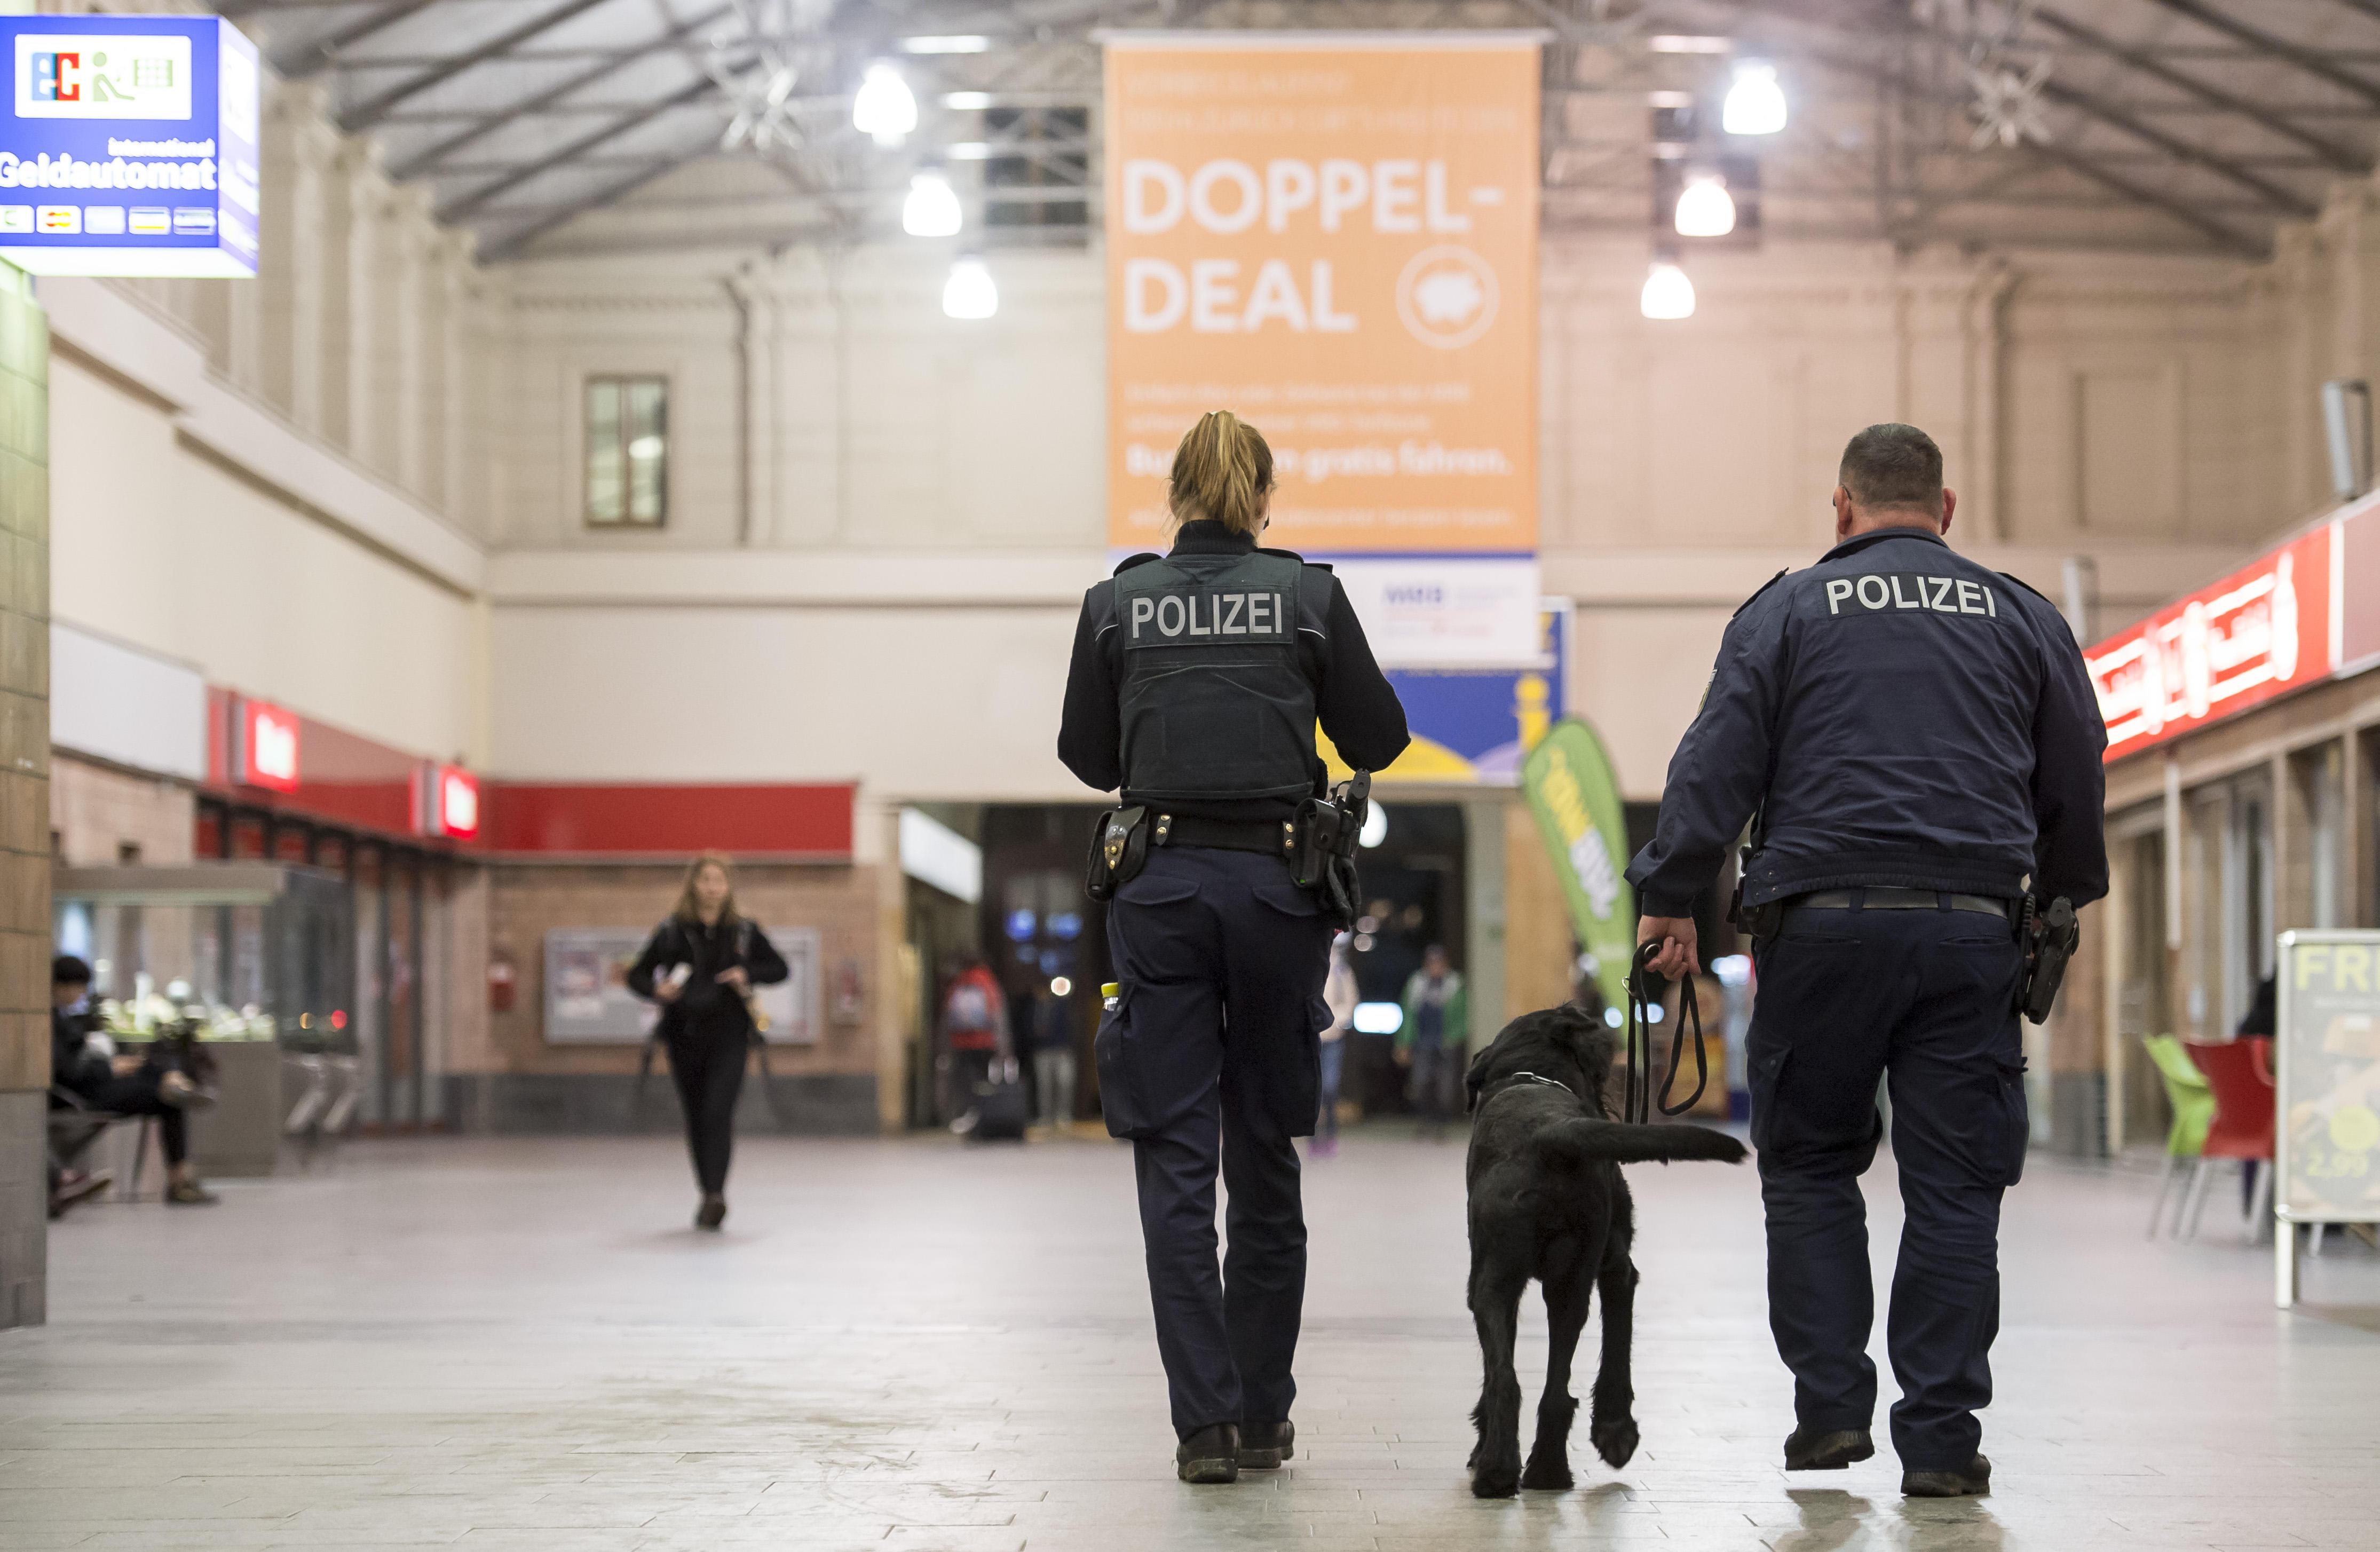 德国警方巡视火车站。(图片来源:新华社/法新)